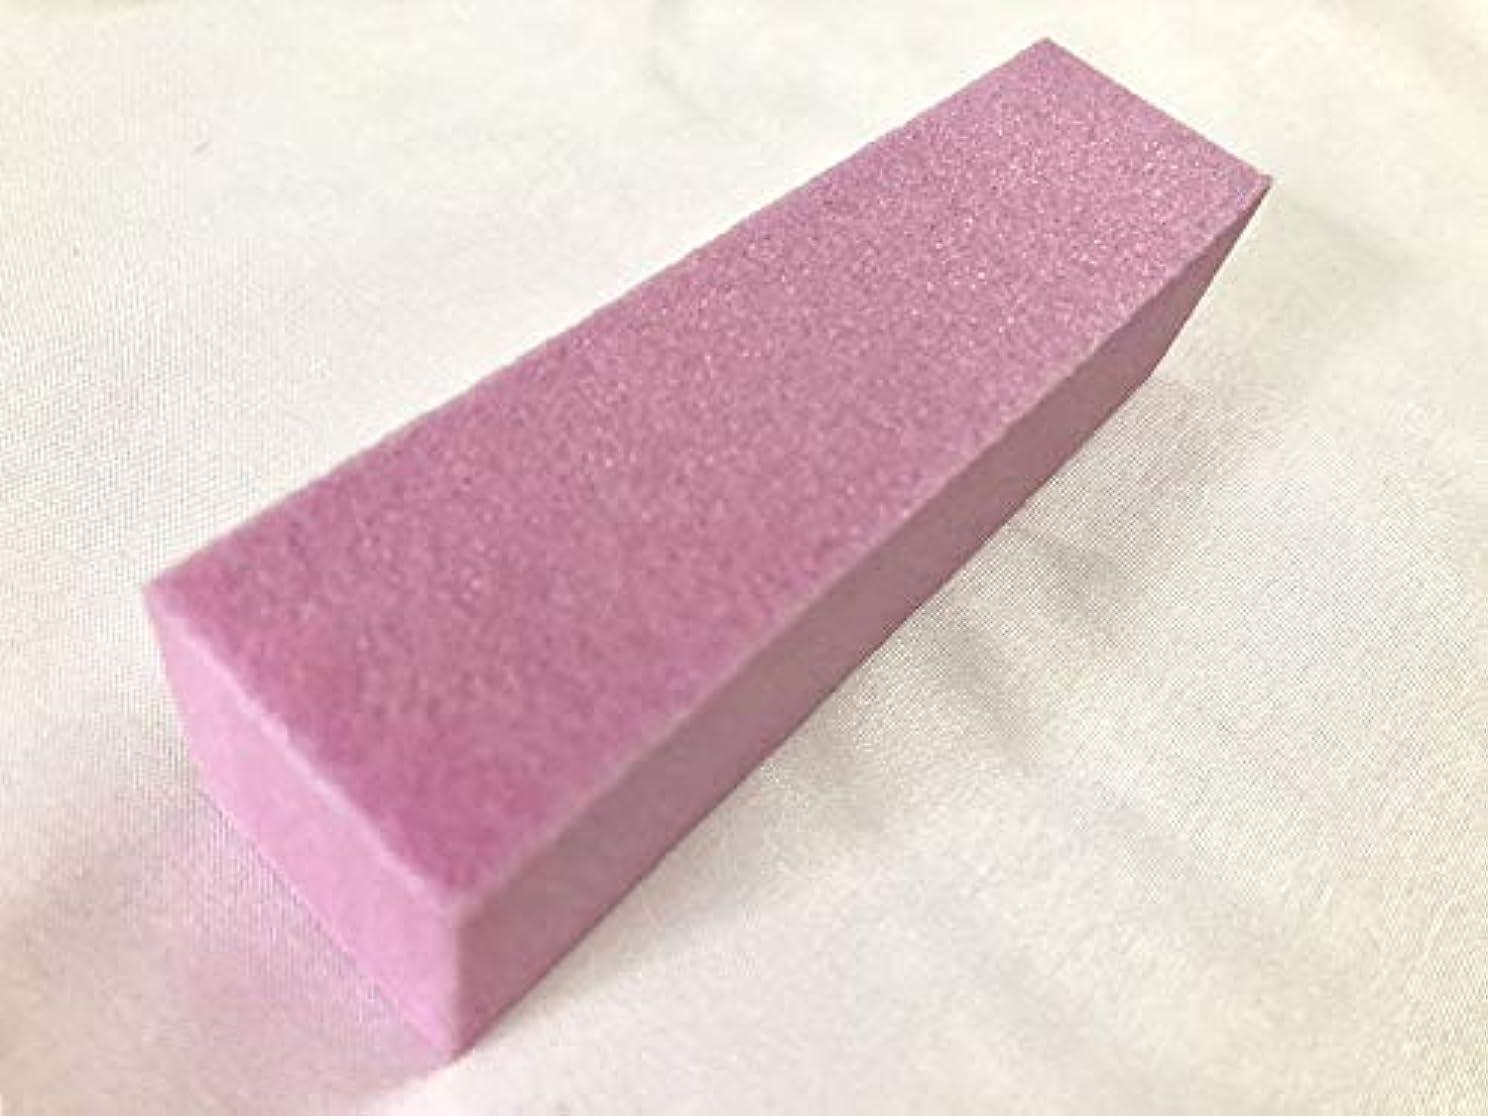 公平な韻きらめきスポンジ ネイル ファイル 4本セット マニュキュア ネイル ジェルネイル カラフルなスポンジやすりです 使用用途: ネイルファイル 角質とり 刃物のやすり